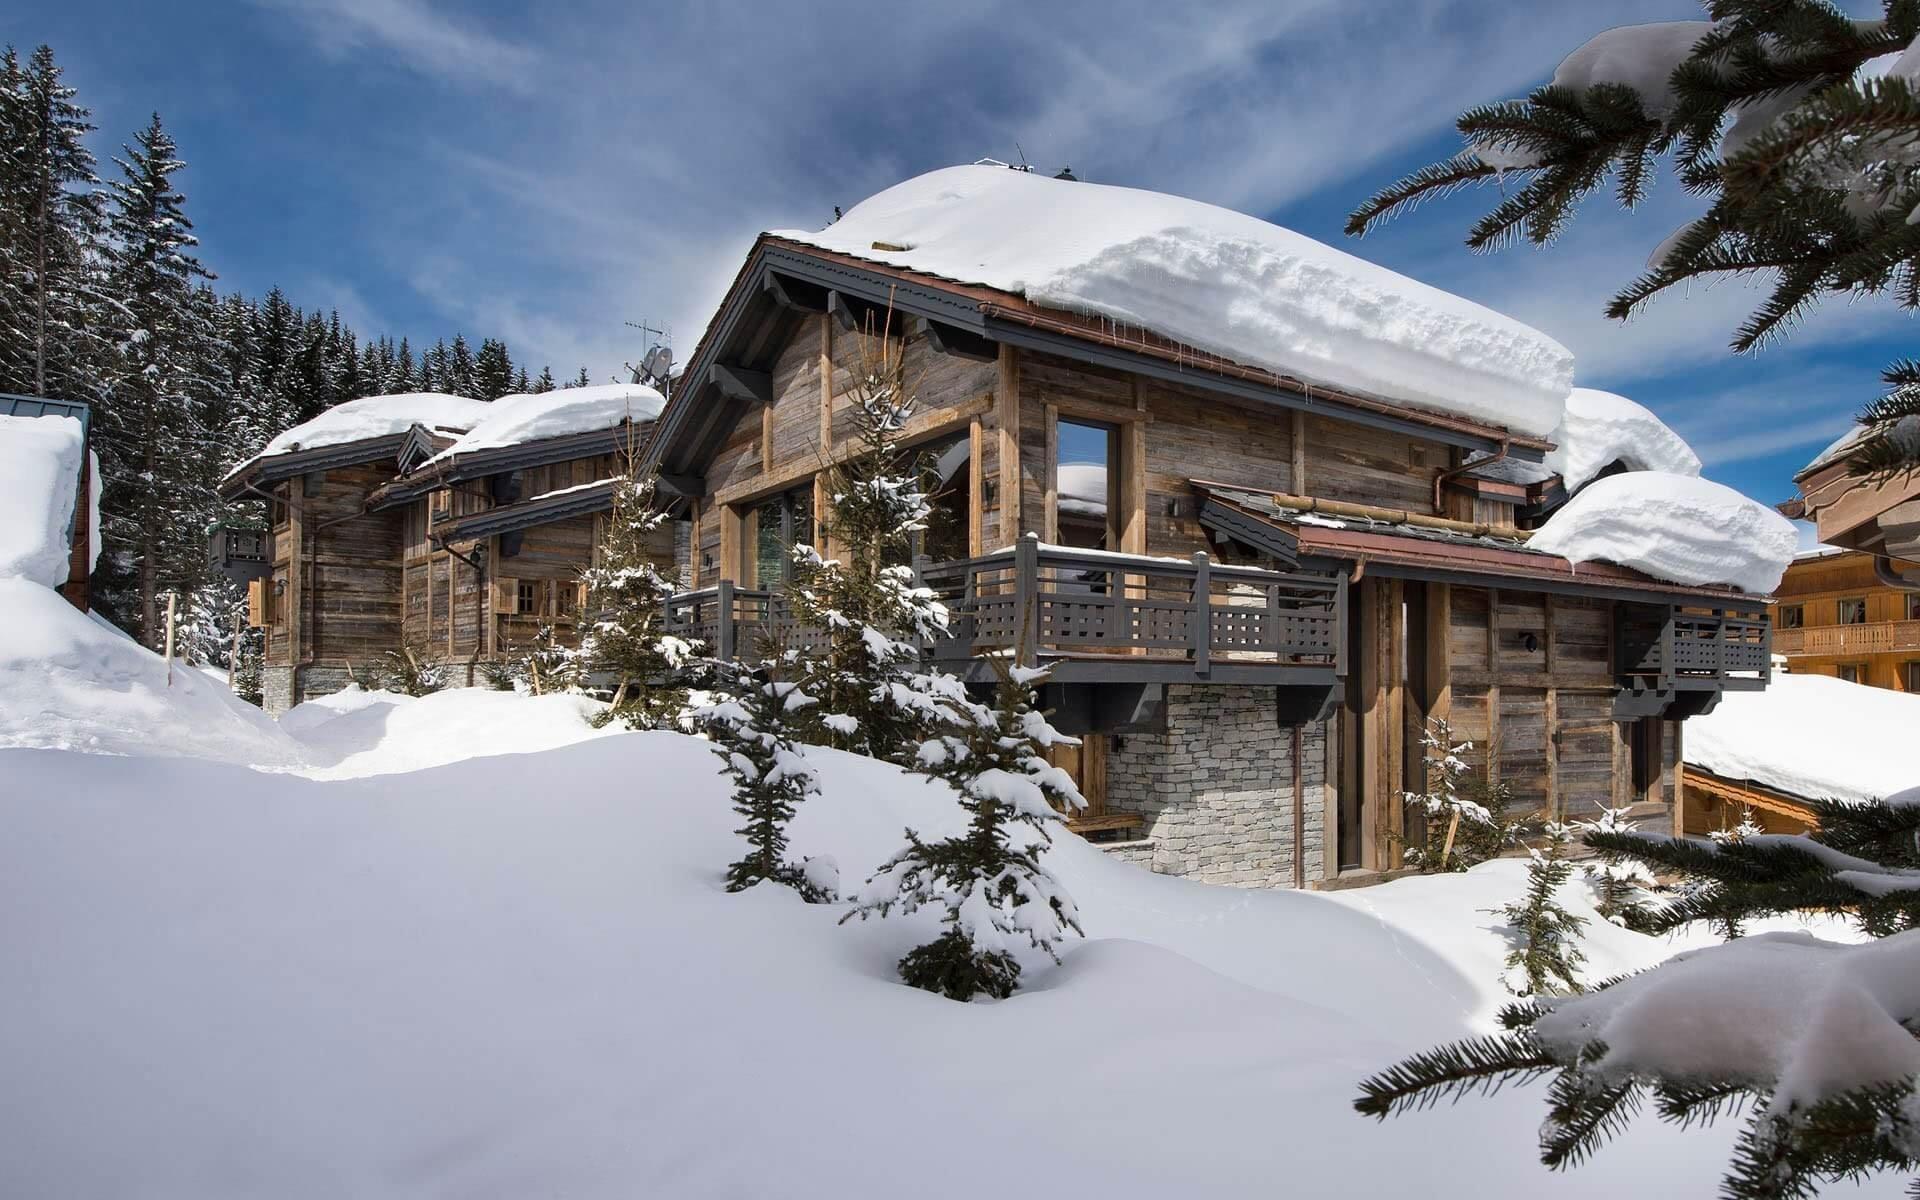 Pomalu, ale jistě, se blíží doba, kdy si budeme opět vybírat to nejlepší lyžařské středisko s ubytováním, které bude komfortní, útulné a ideální k relaxaci. A pokud ještě žádné takové místo pro svůj nejoblíbenější zimní sport nemáte vybrané, nebo pokud máte chuť na změnu, máme pro vás malý tip.